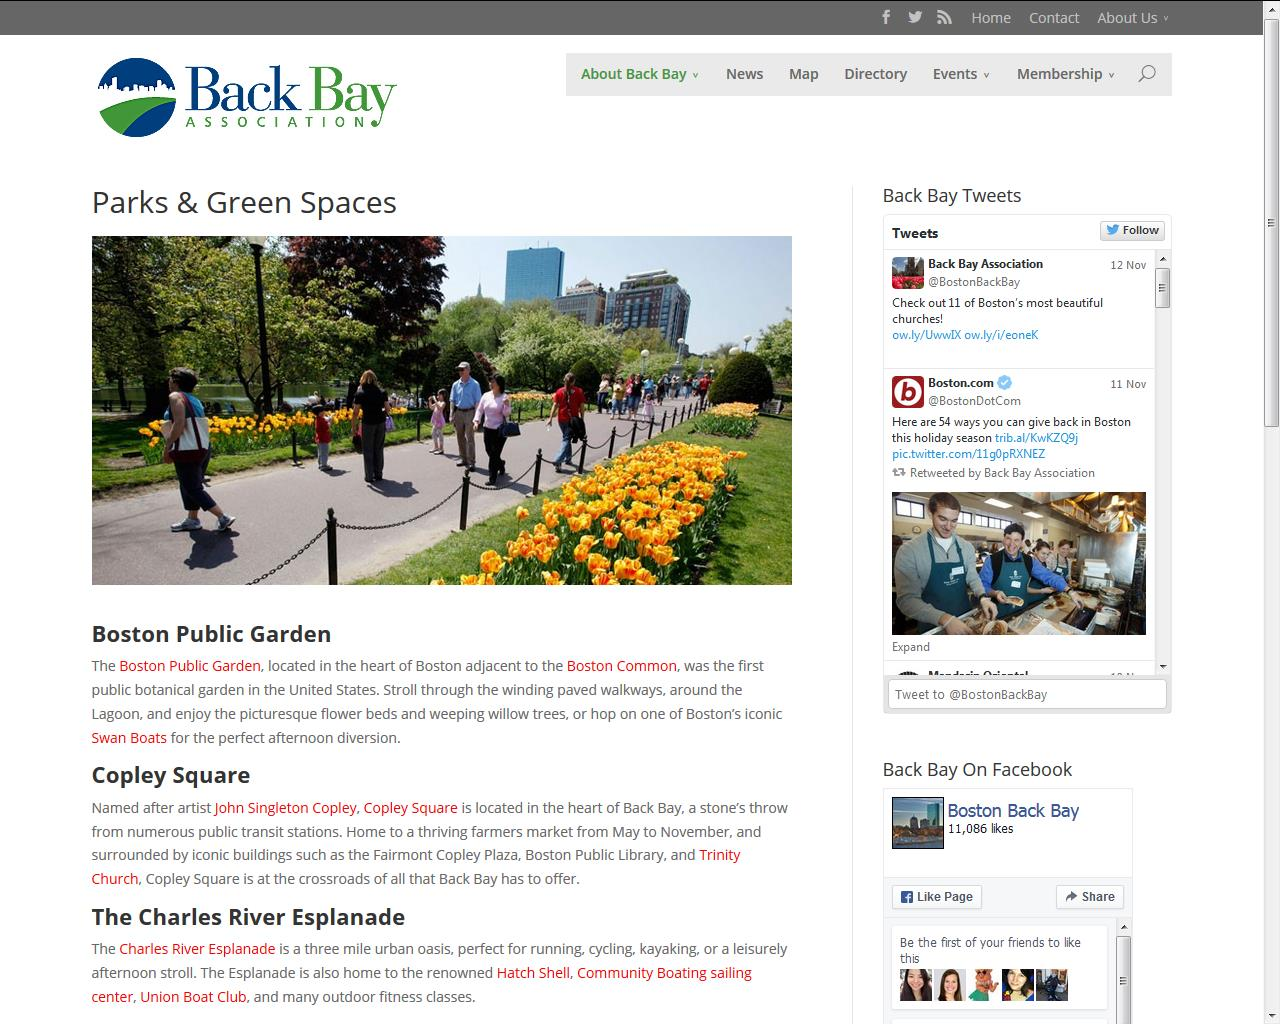 Web Design & Hosting Services in Massachusetts | Ashdown